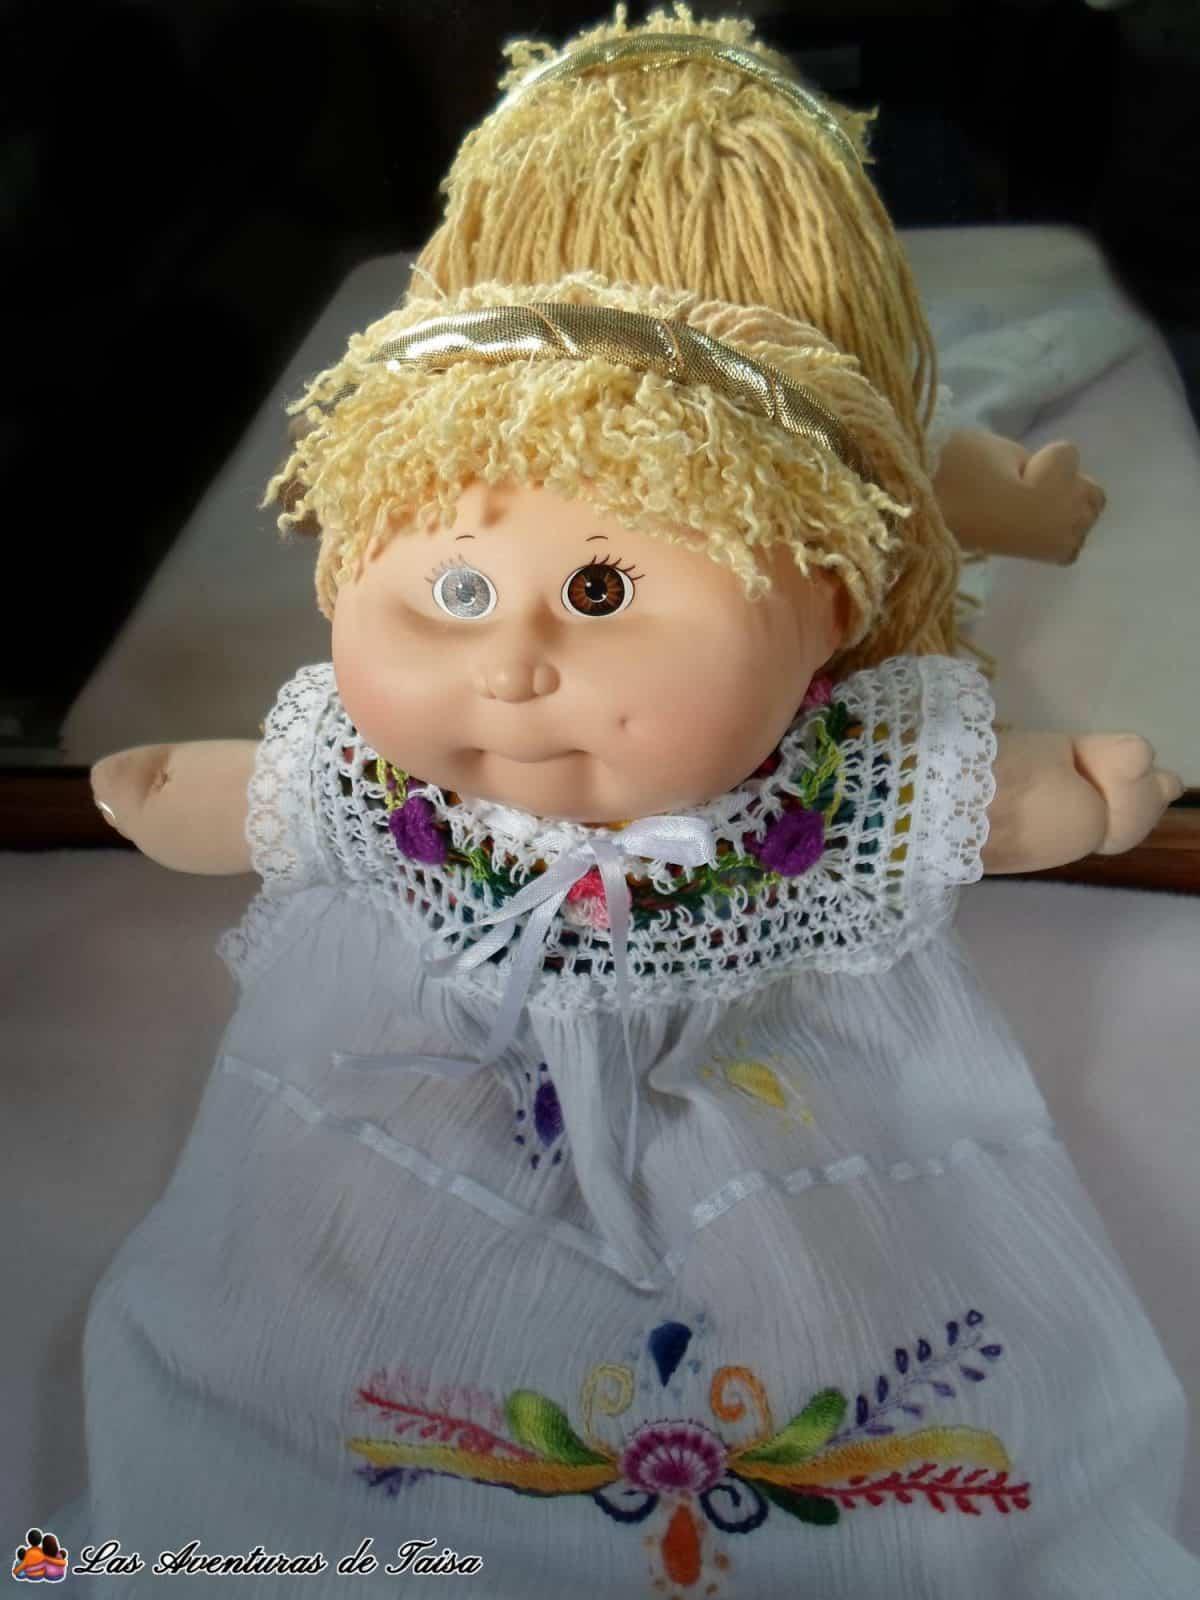 El disfraz de princesa o príncipe es el más fácil, sólo necesitas una diadema dorada y una ropa bonita y elegante